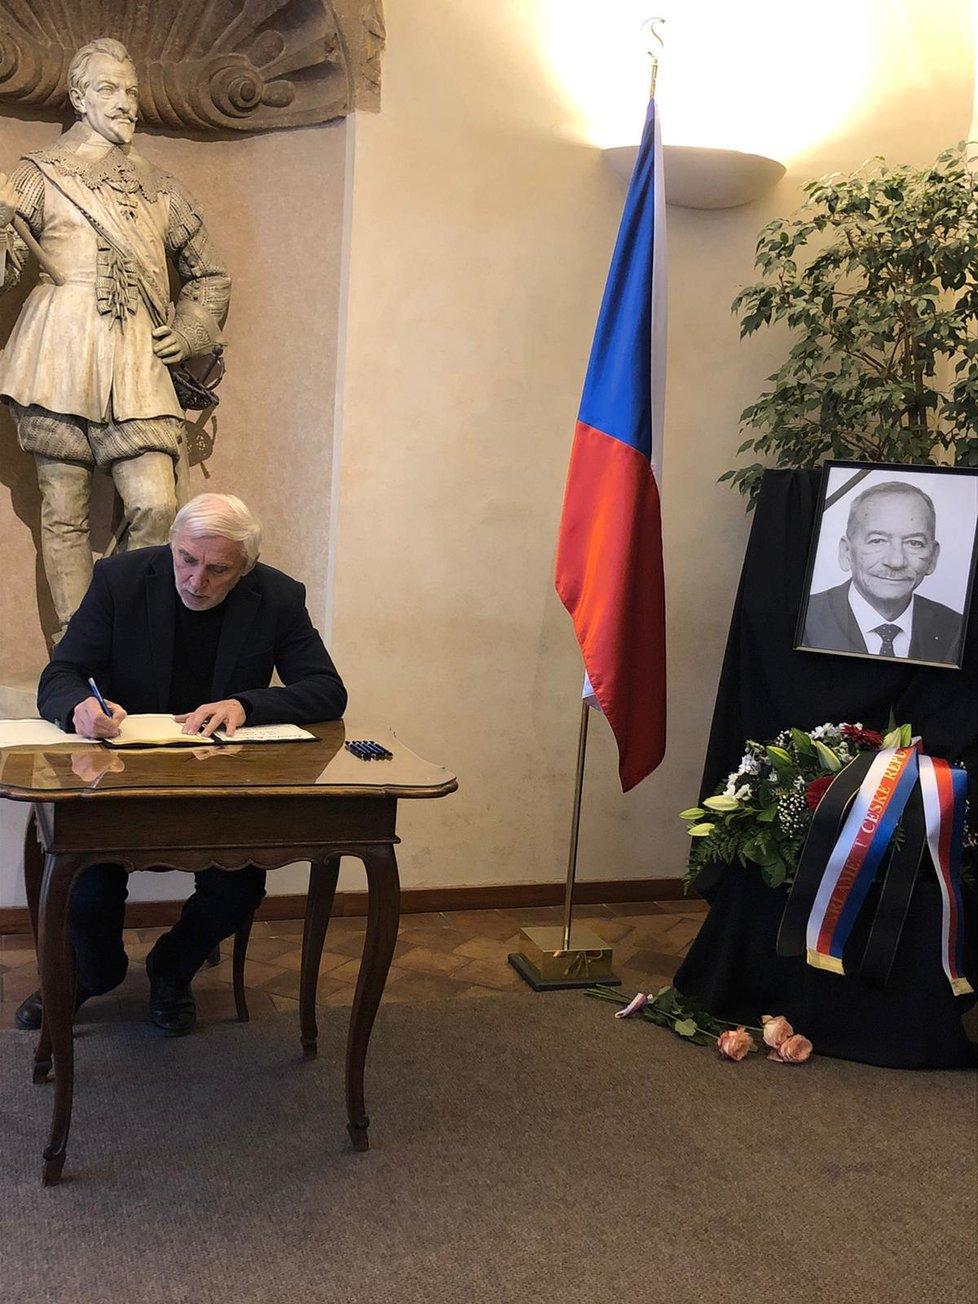 Úmrtí Jaroslava Kubery: Senátor Jiří Růžička (za TOP 09 a STAN) podepisuje kondolenční knihu